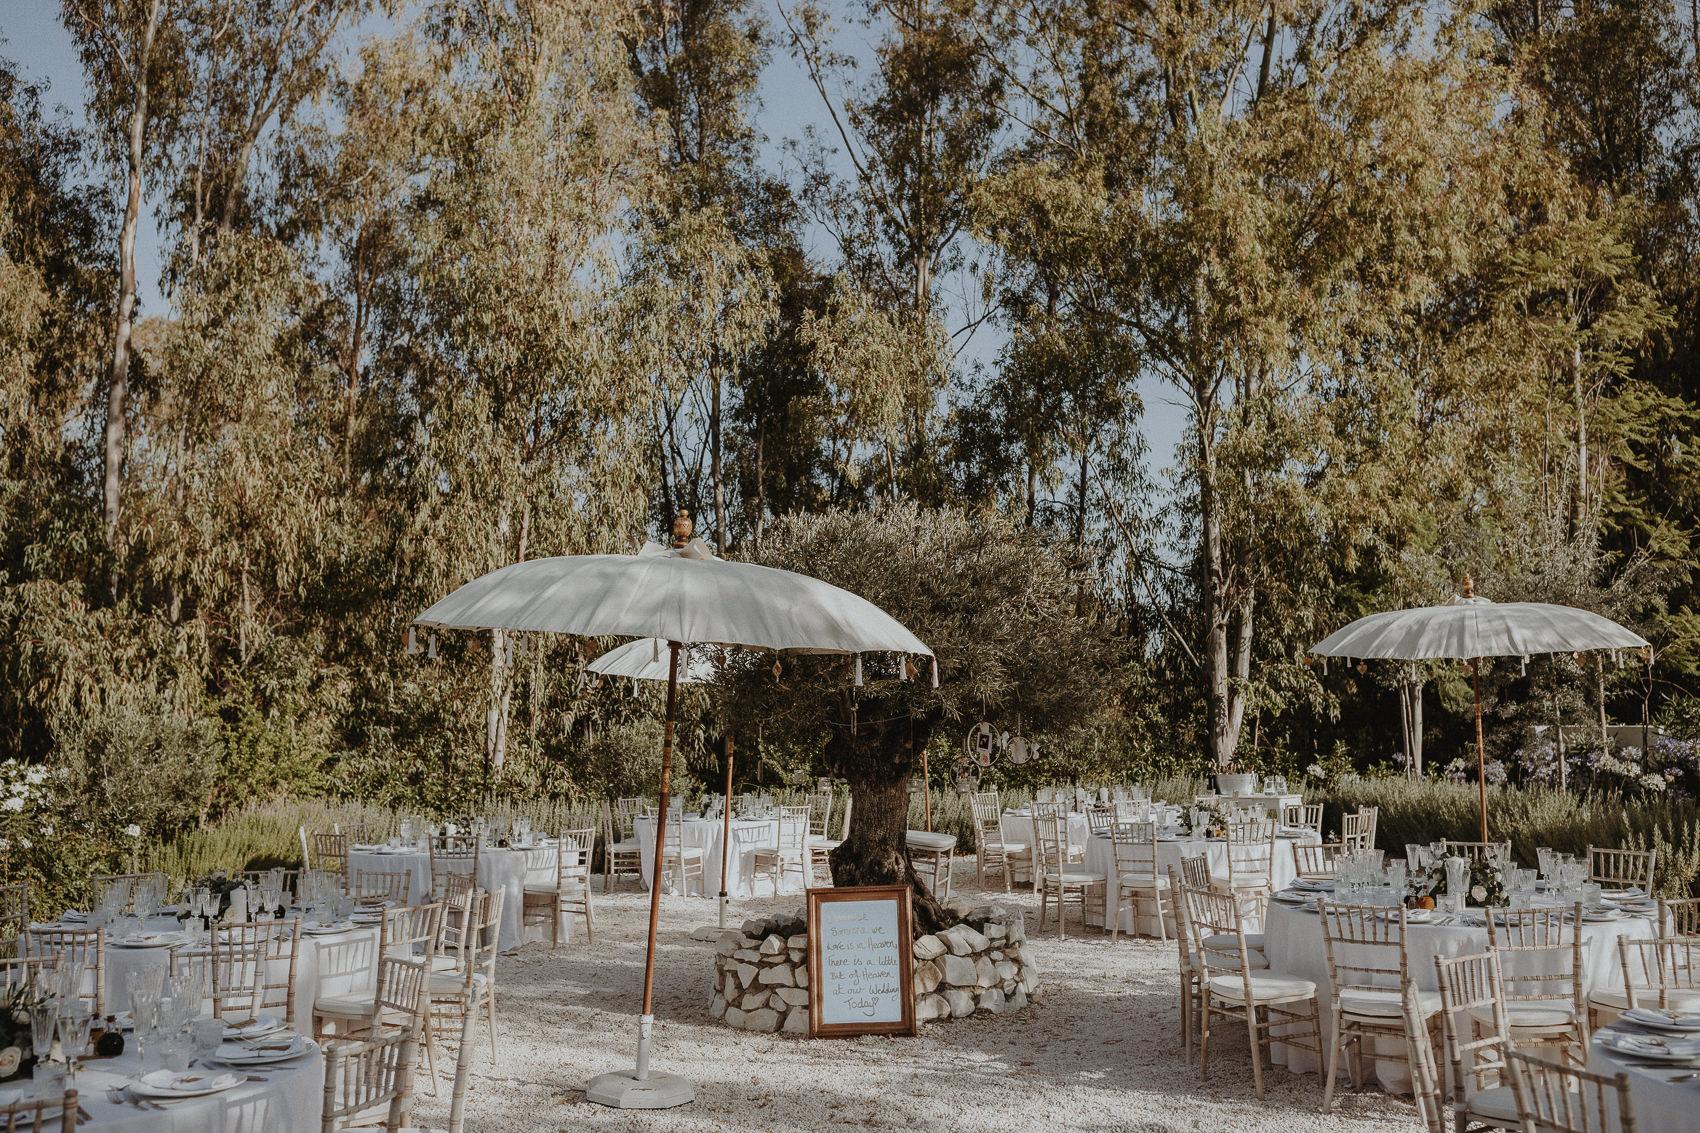 Sarah & Bill | Summer wedding at Cortijo Rosa Blanca | Marbella - Spain 114